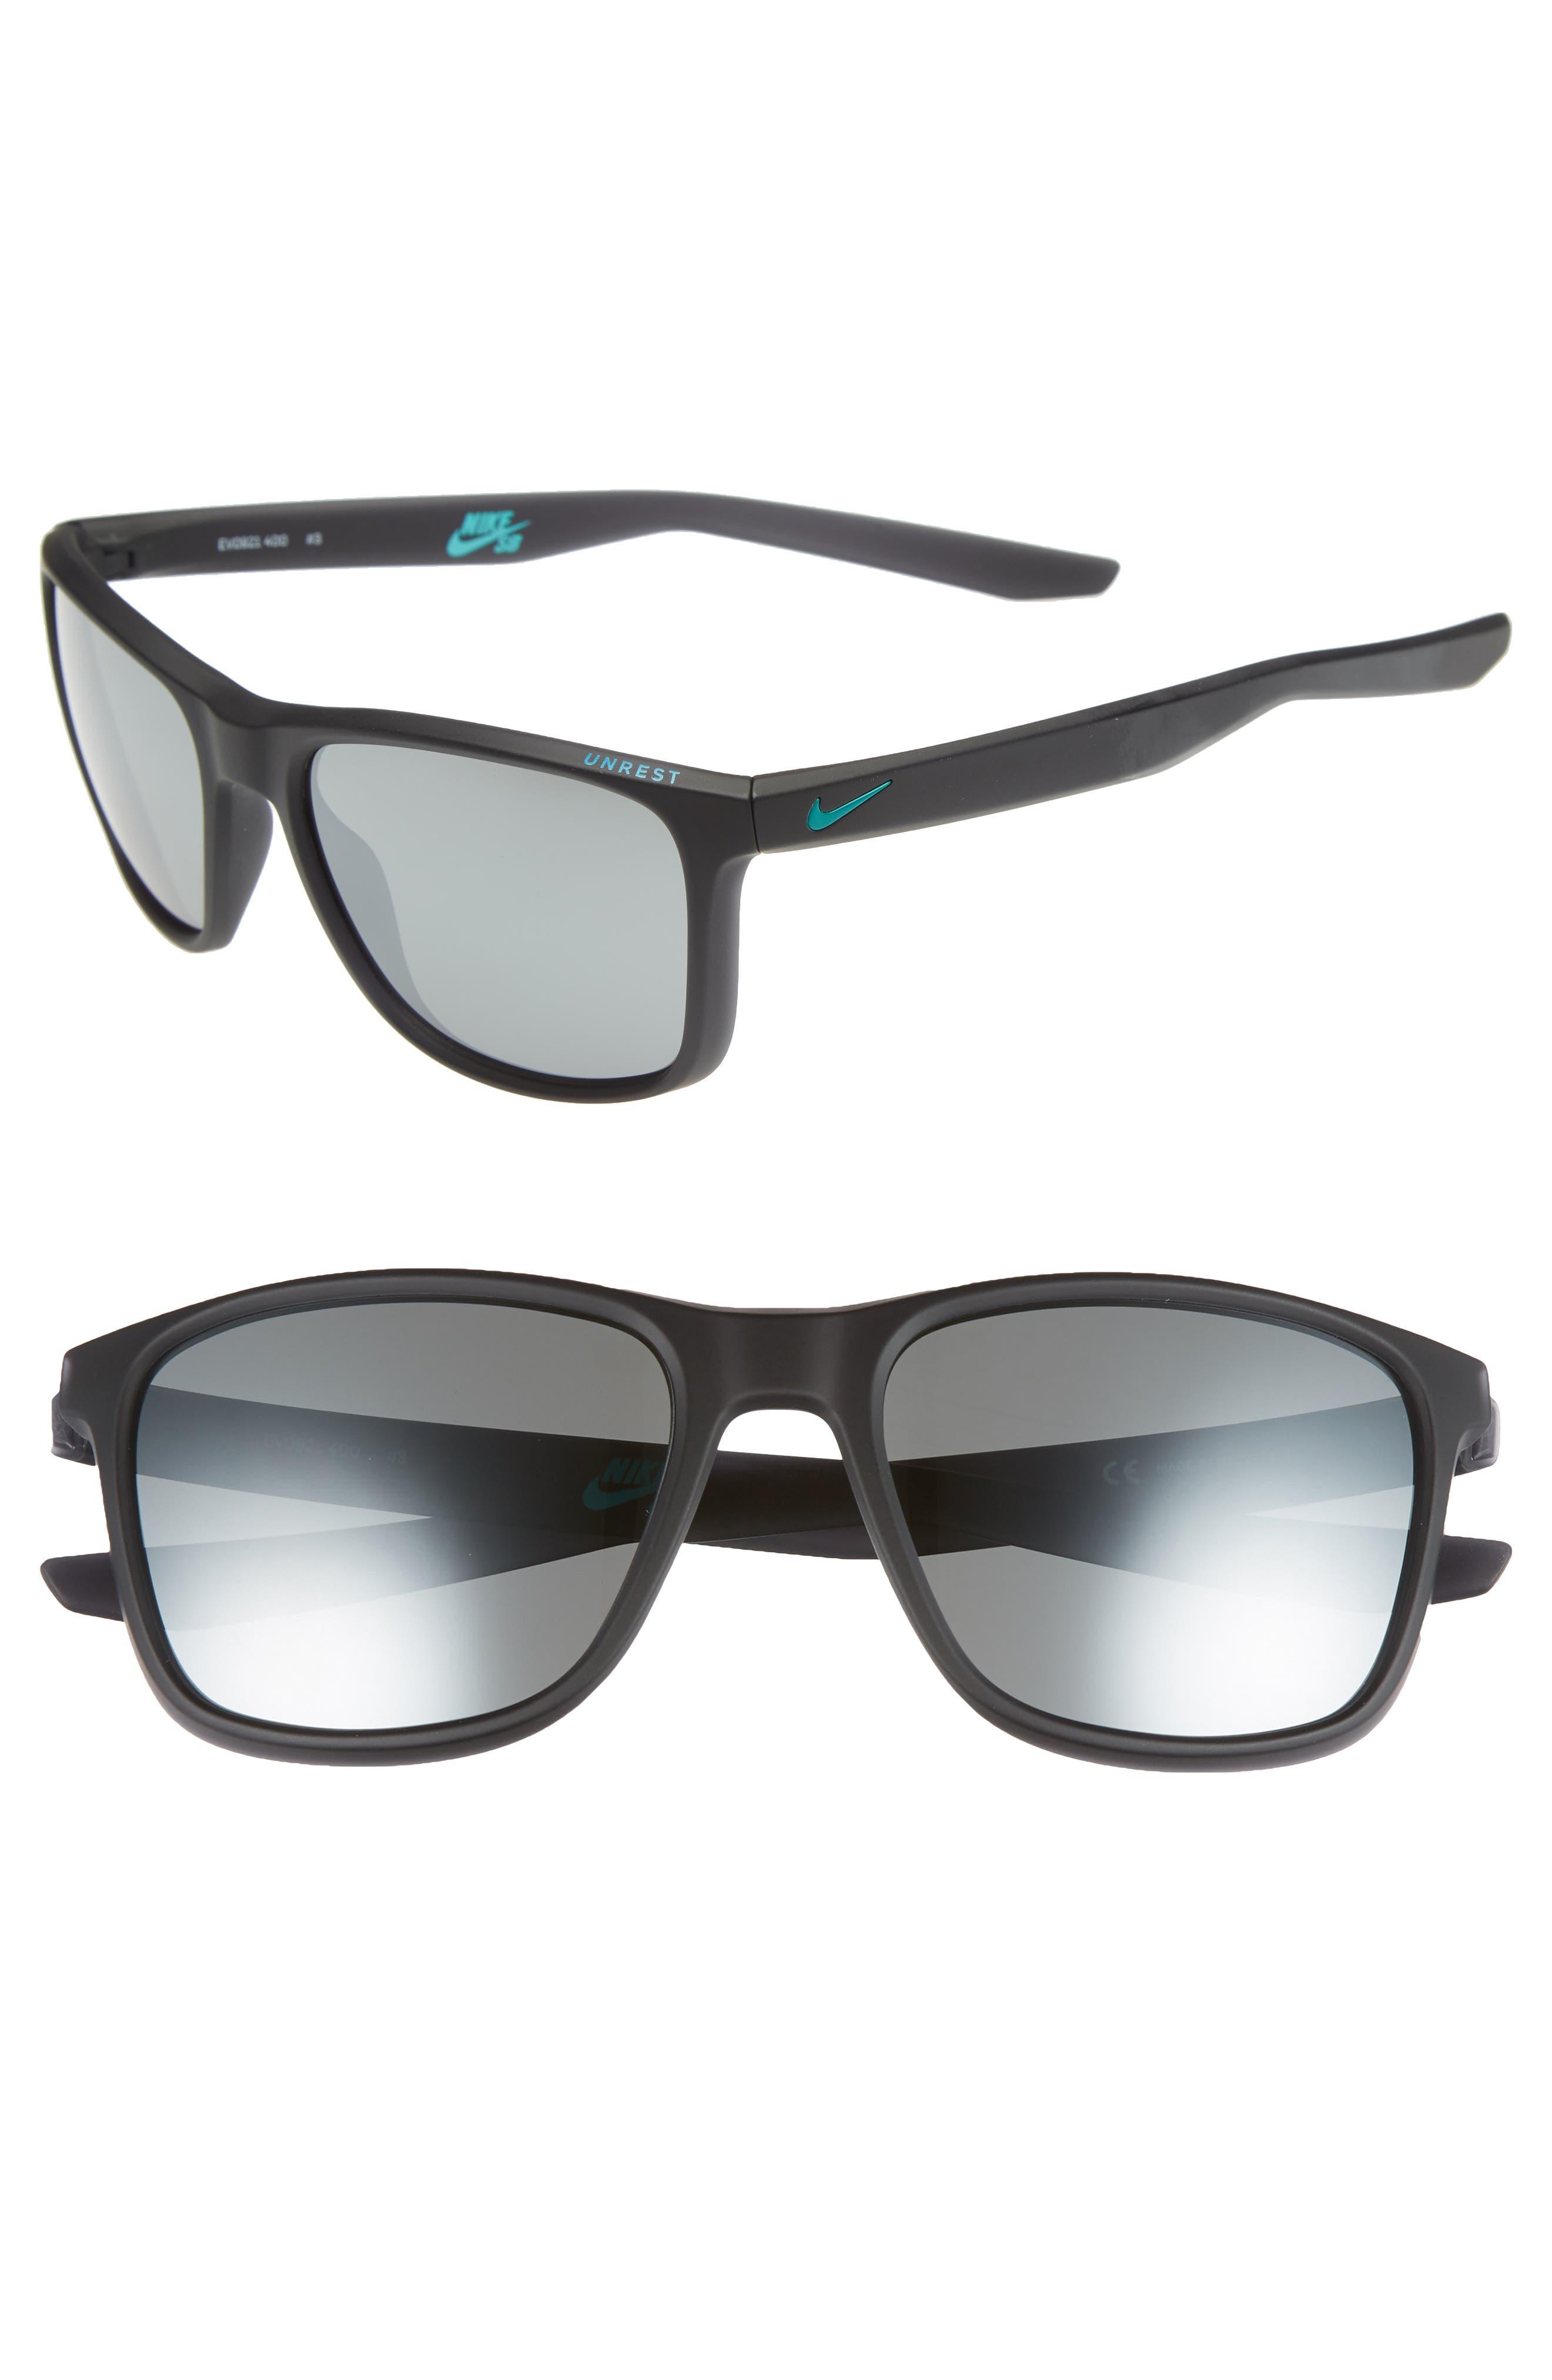 Nike Unrest 57Mm Sunglasses - Matte Obsidian/ Grey Silver